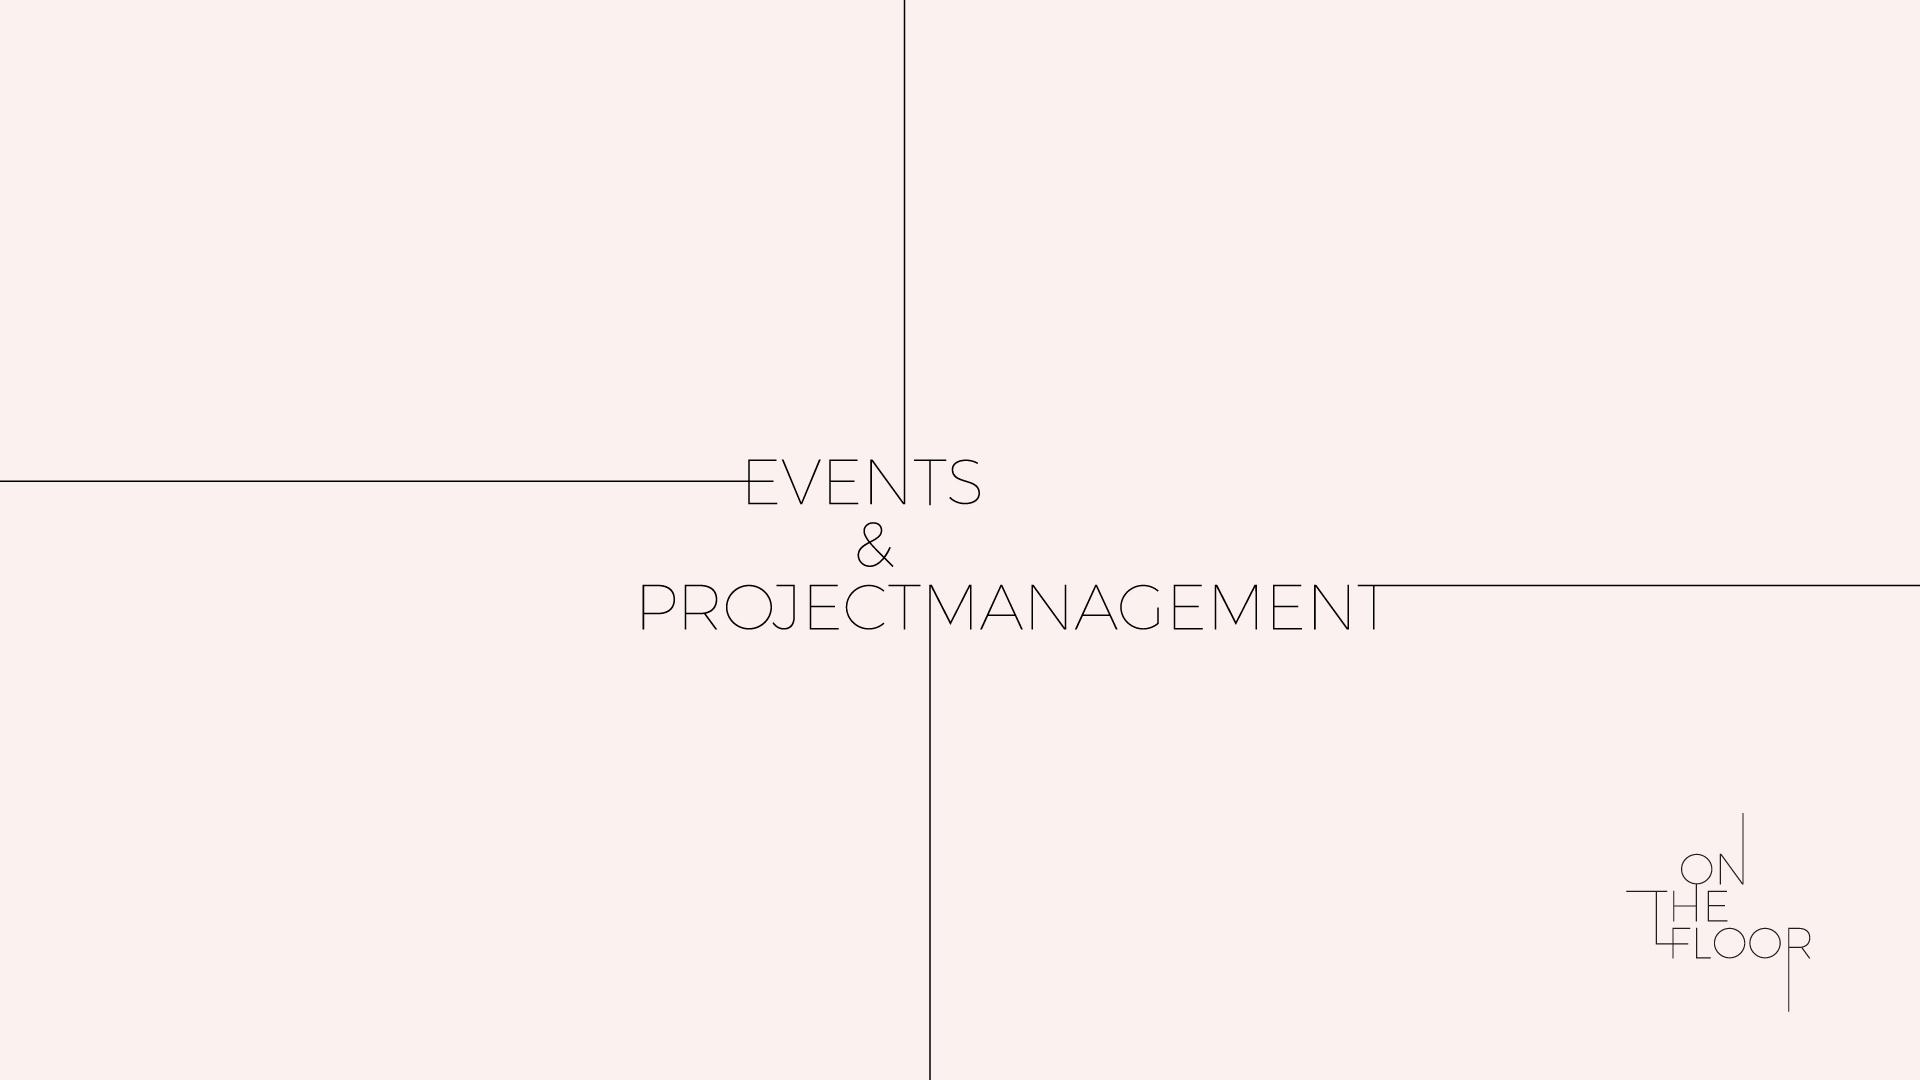 Events & Projectmanagement